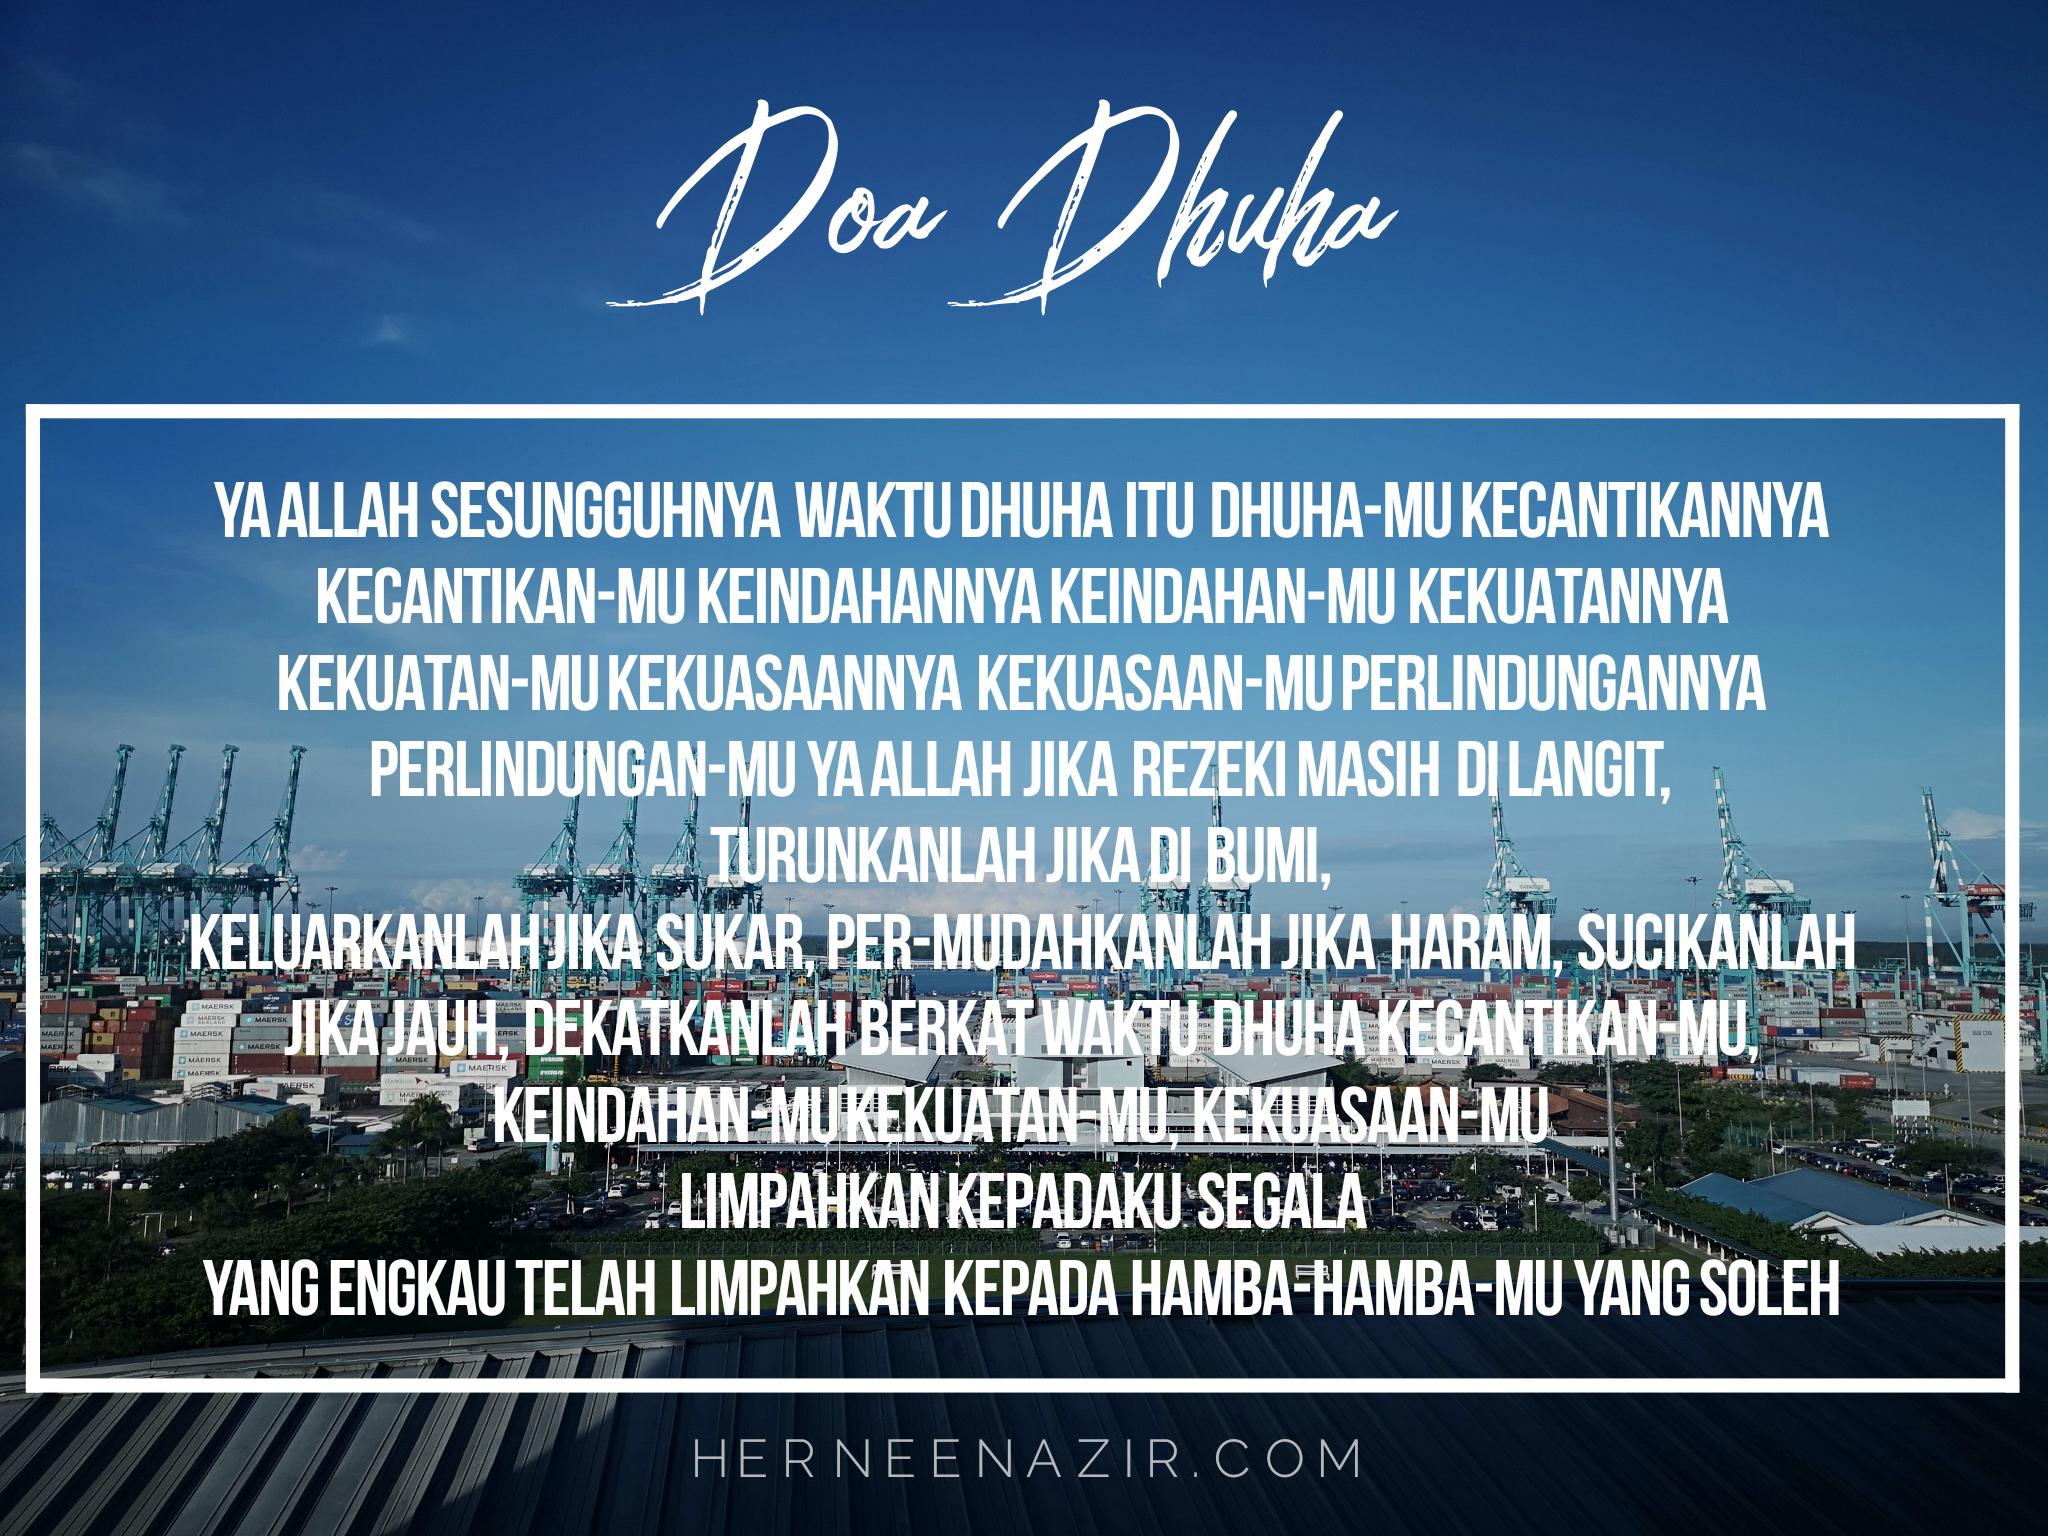 Wordless Wednesday 35 – Doa Dhuha